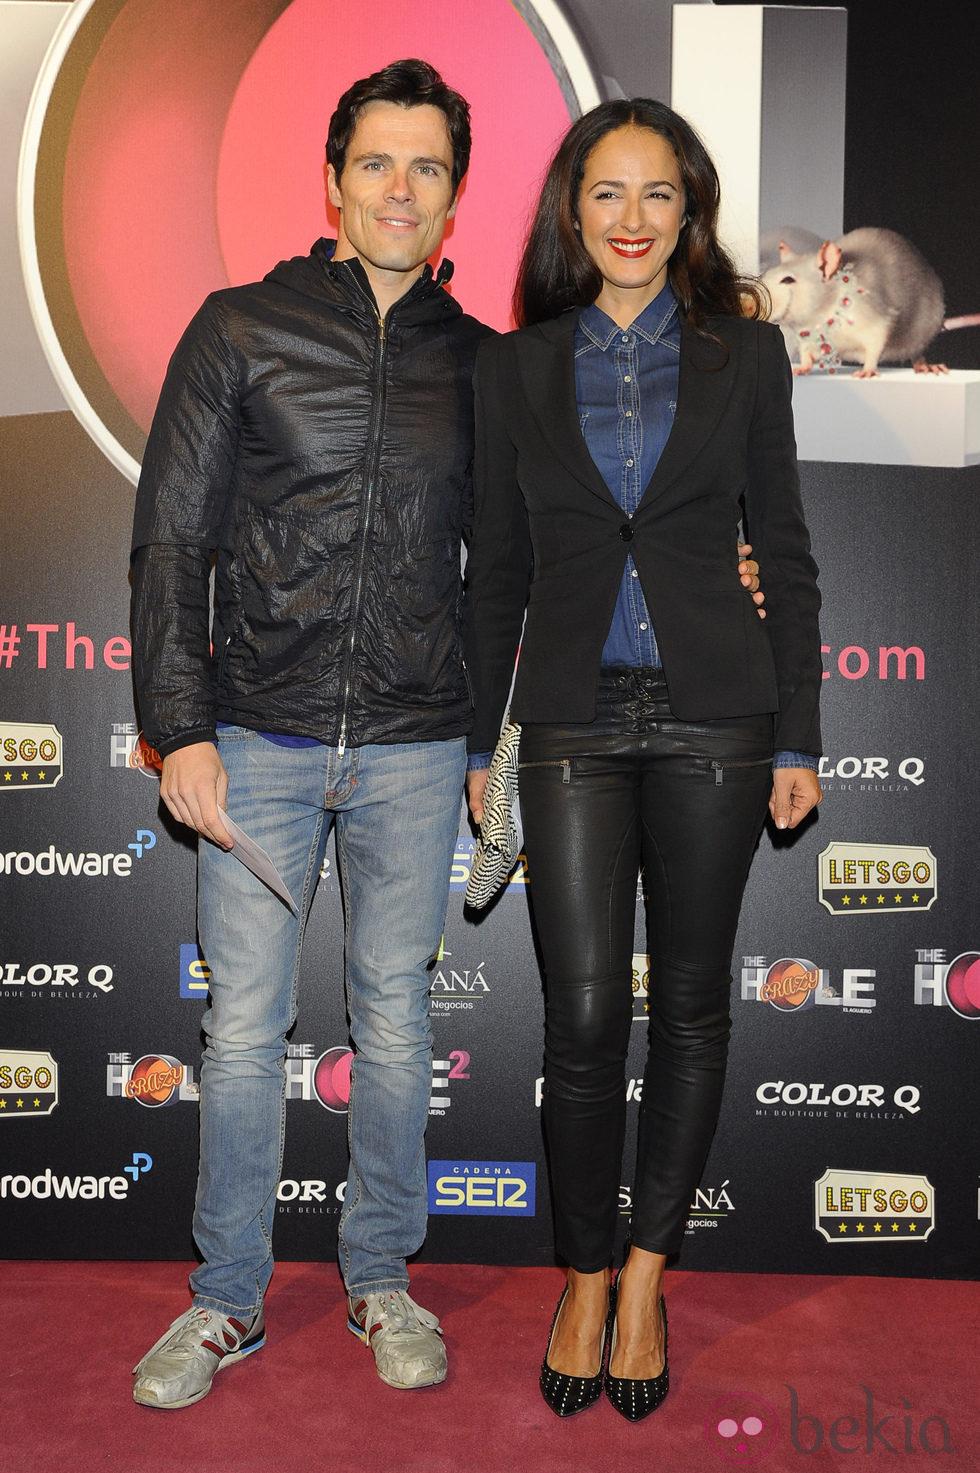 Octavi Pujades y Mónica Estarreado en el estreno de 'The Hole 2'